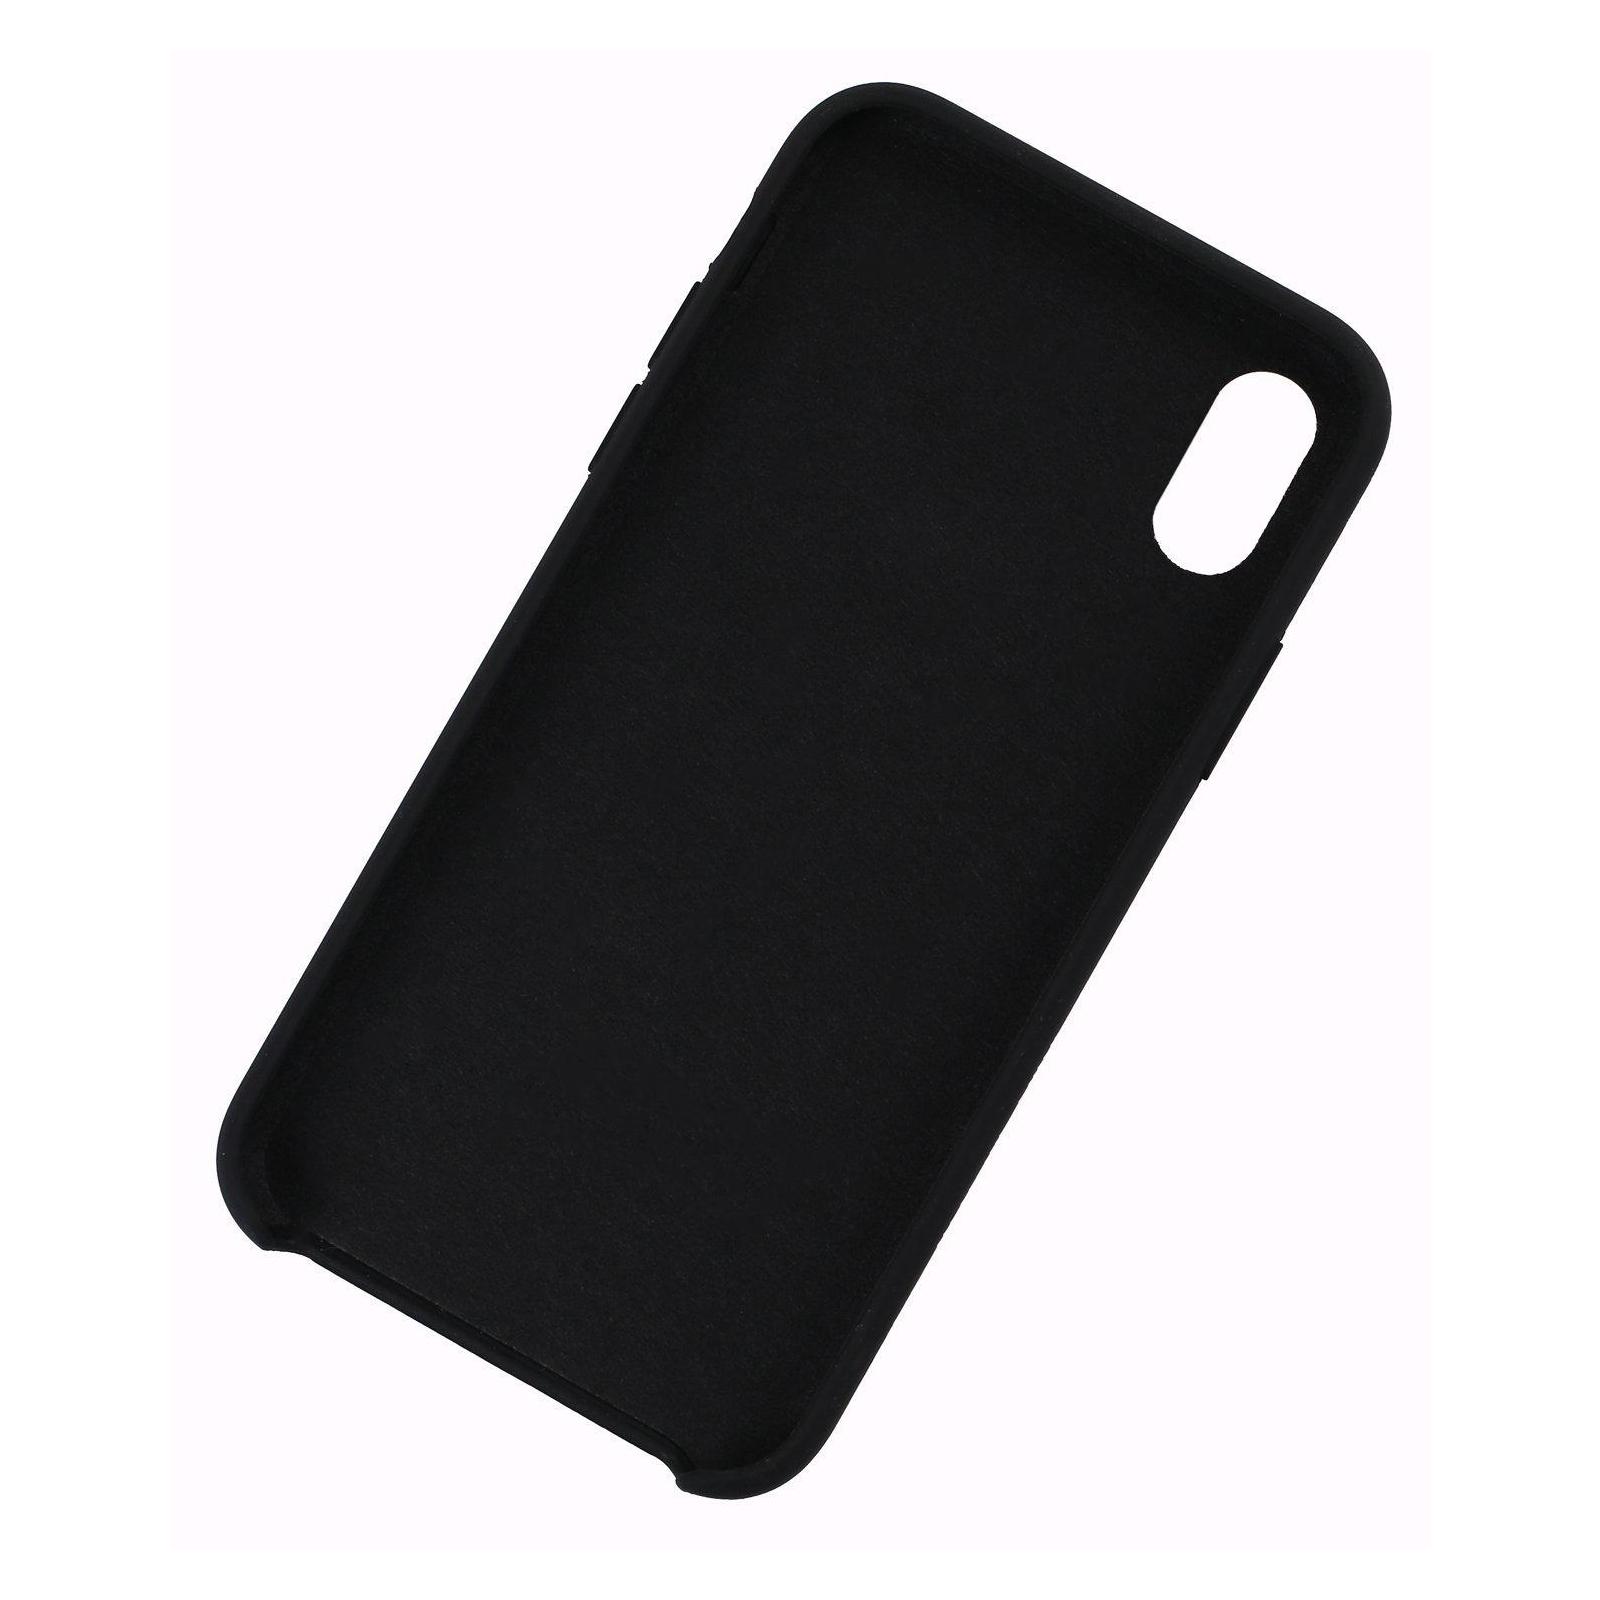 Чехол для моб. телефона Laudtec для iPhone X/XS liquid case (black) (LT-IXLC) изображение 5